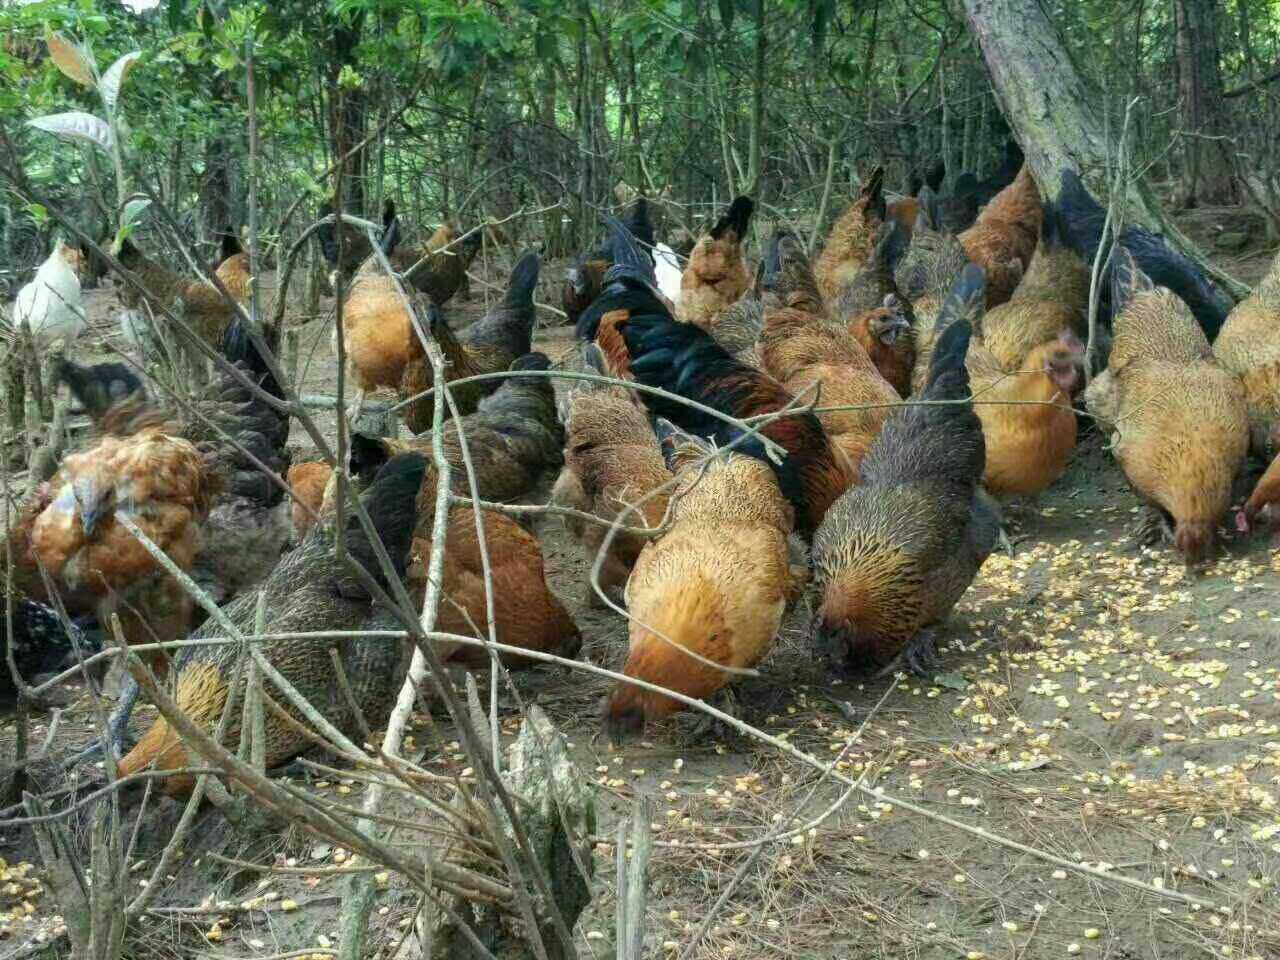 昆明高品质武定高脚土鸡出售,划算的武定高脚土鸡